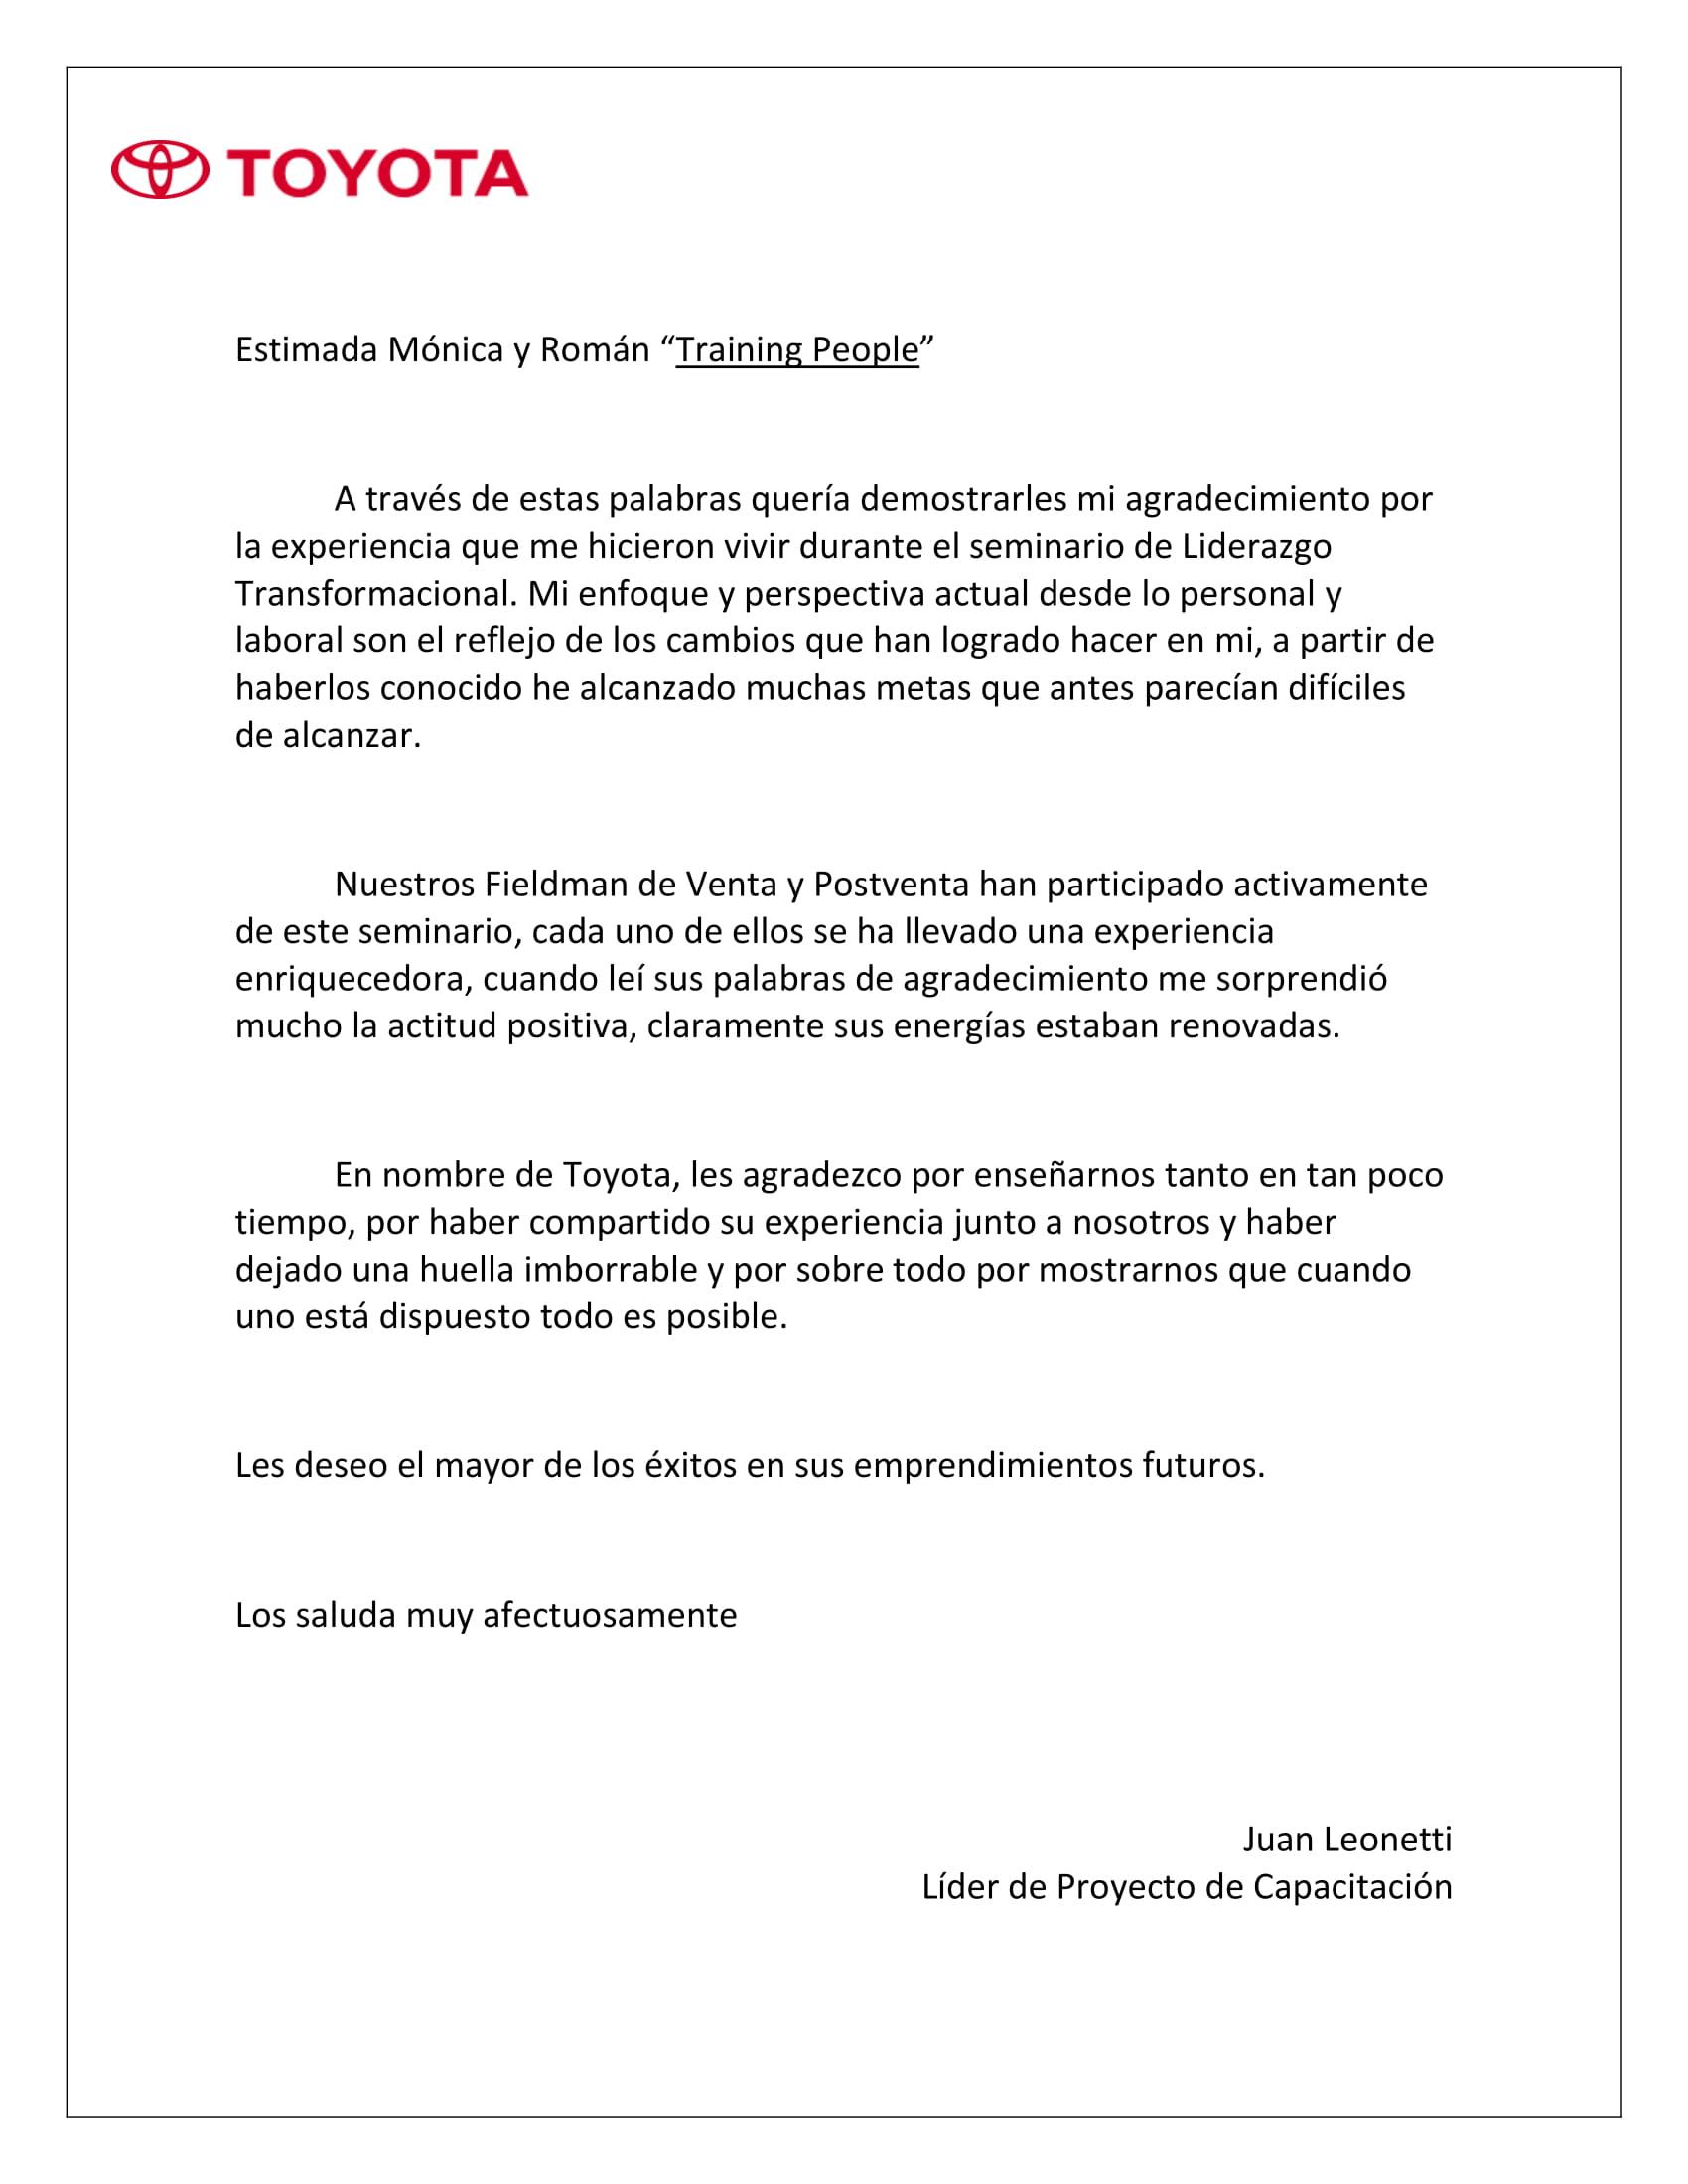 24 REFERENCIA TOYOTA 1 - JUAN LEONETTI-1